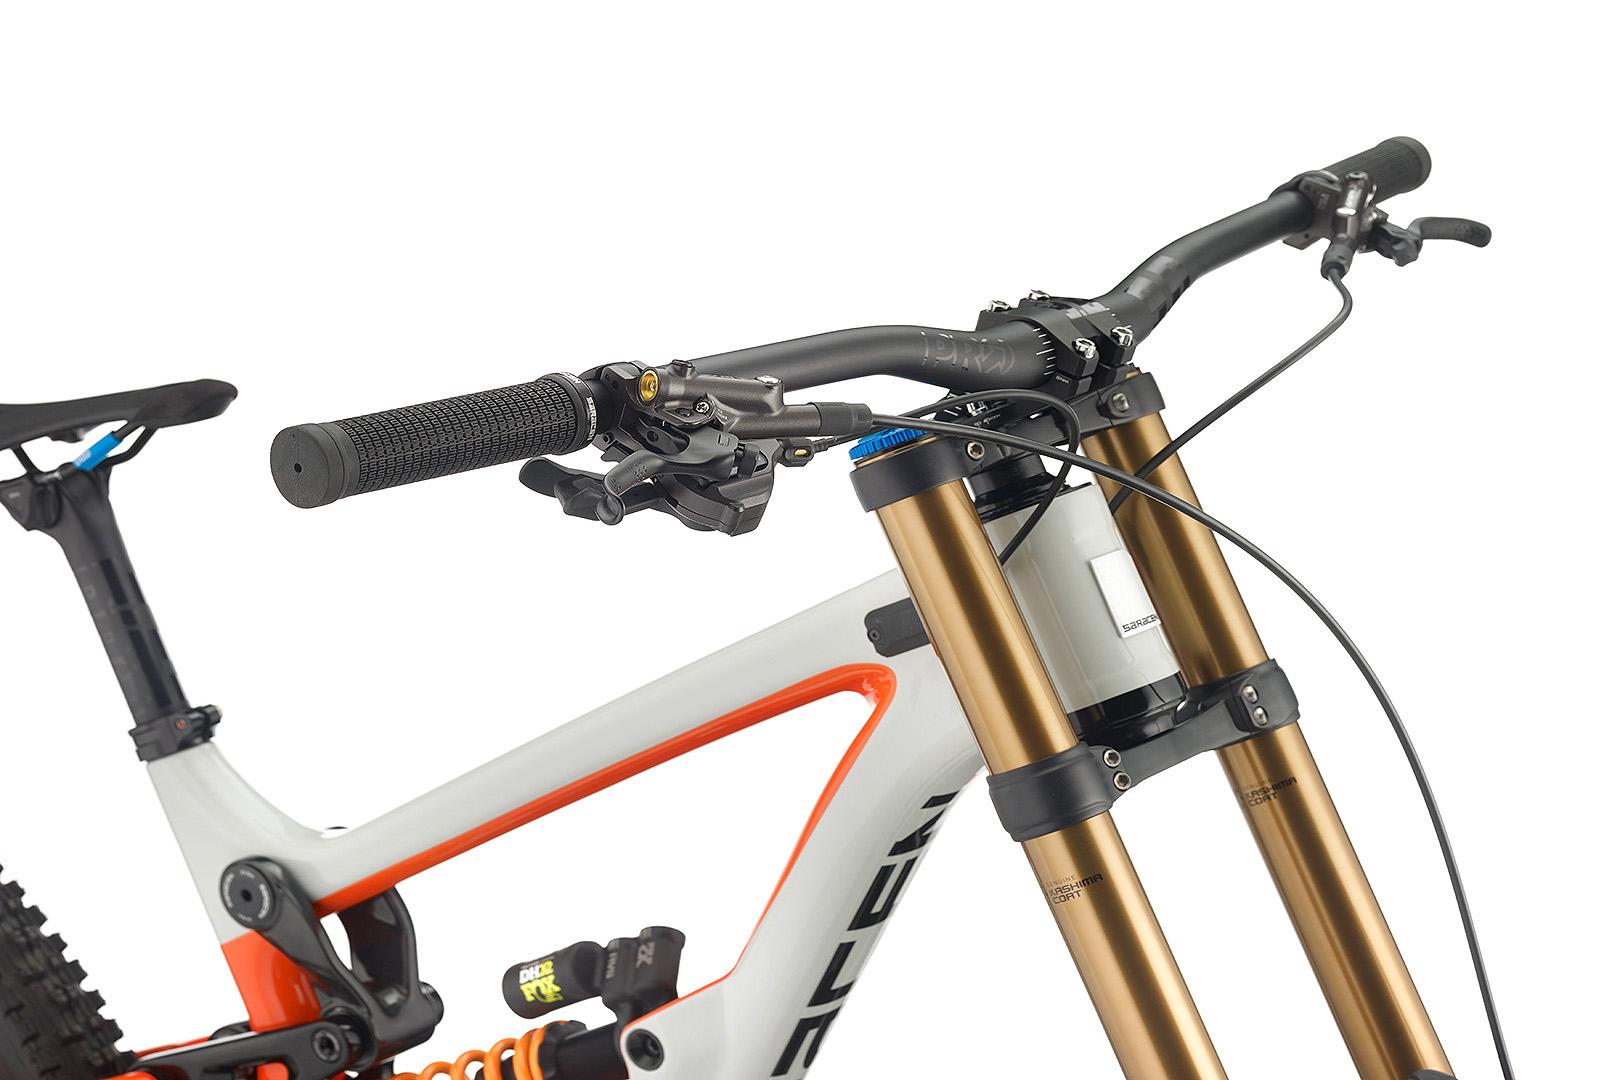 c313ae9693e The Bike Bondsman | New 2018 Saracen Team Myst DH Bike Medium